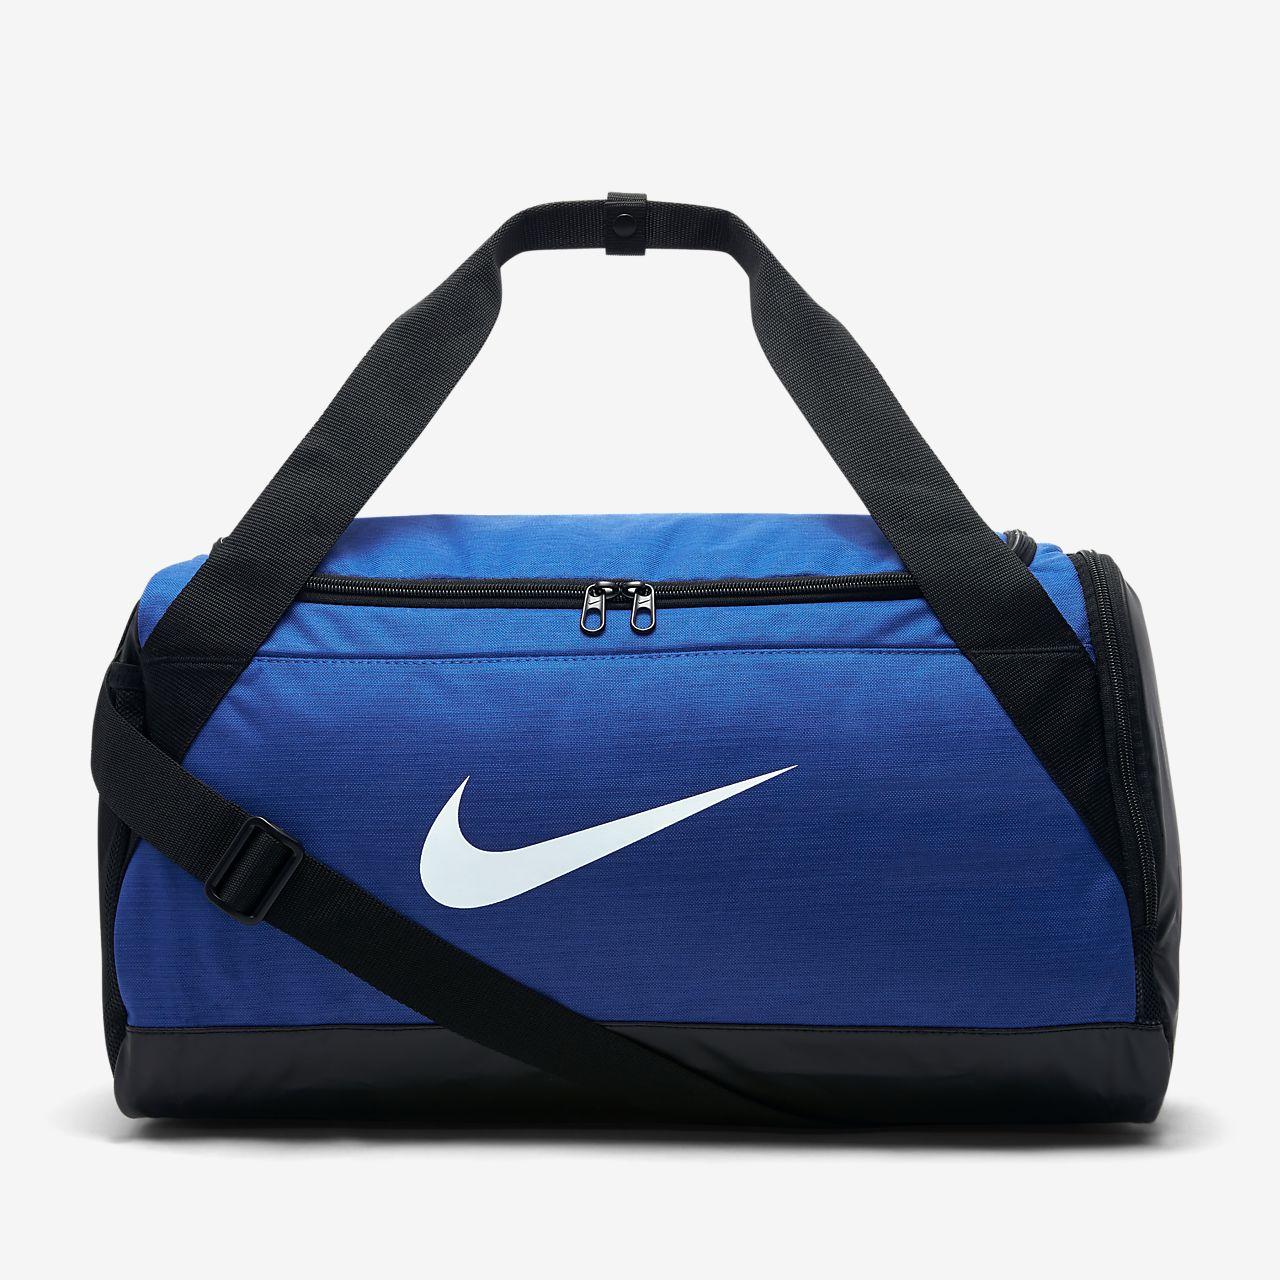 09889682726d7 Torba treningowa Nike Brasilia (mała). Nike.com PL